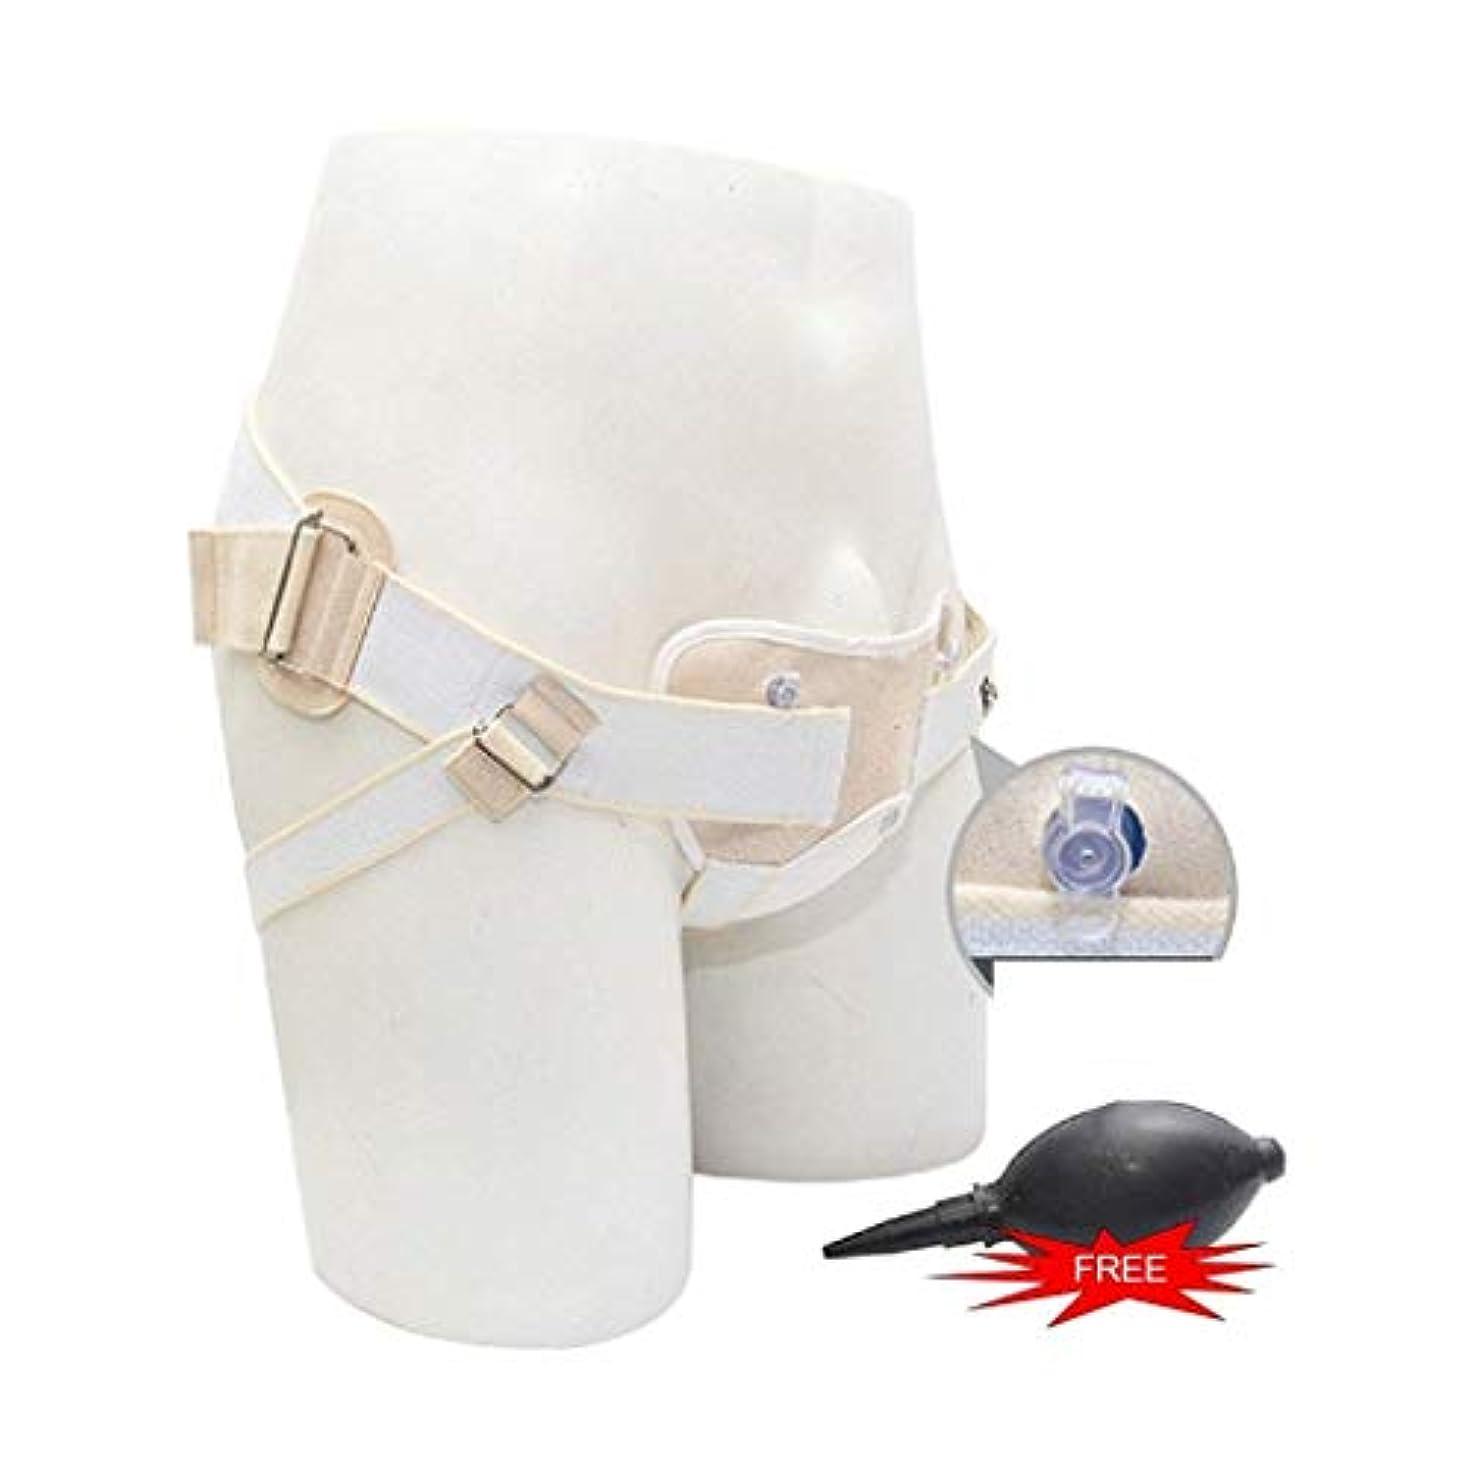 冷蔵庫仮装うそつきGu径ヘルニアベルト空気圧、成人型臍U径ヘルニアベルト、ポンプ付きインフレータブルトラスサポートストラップ